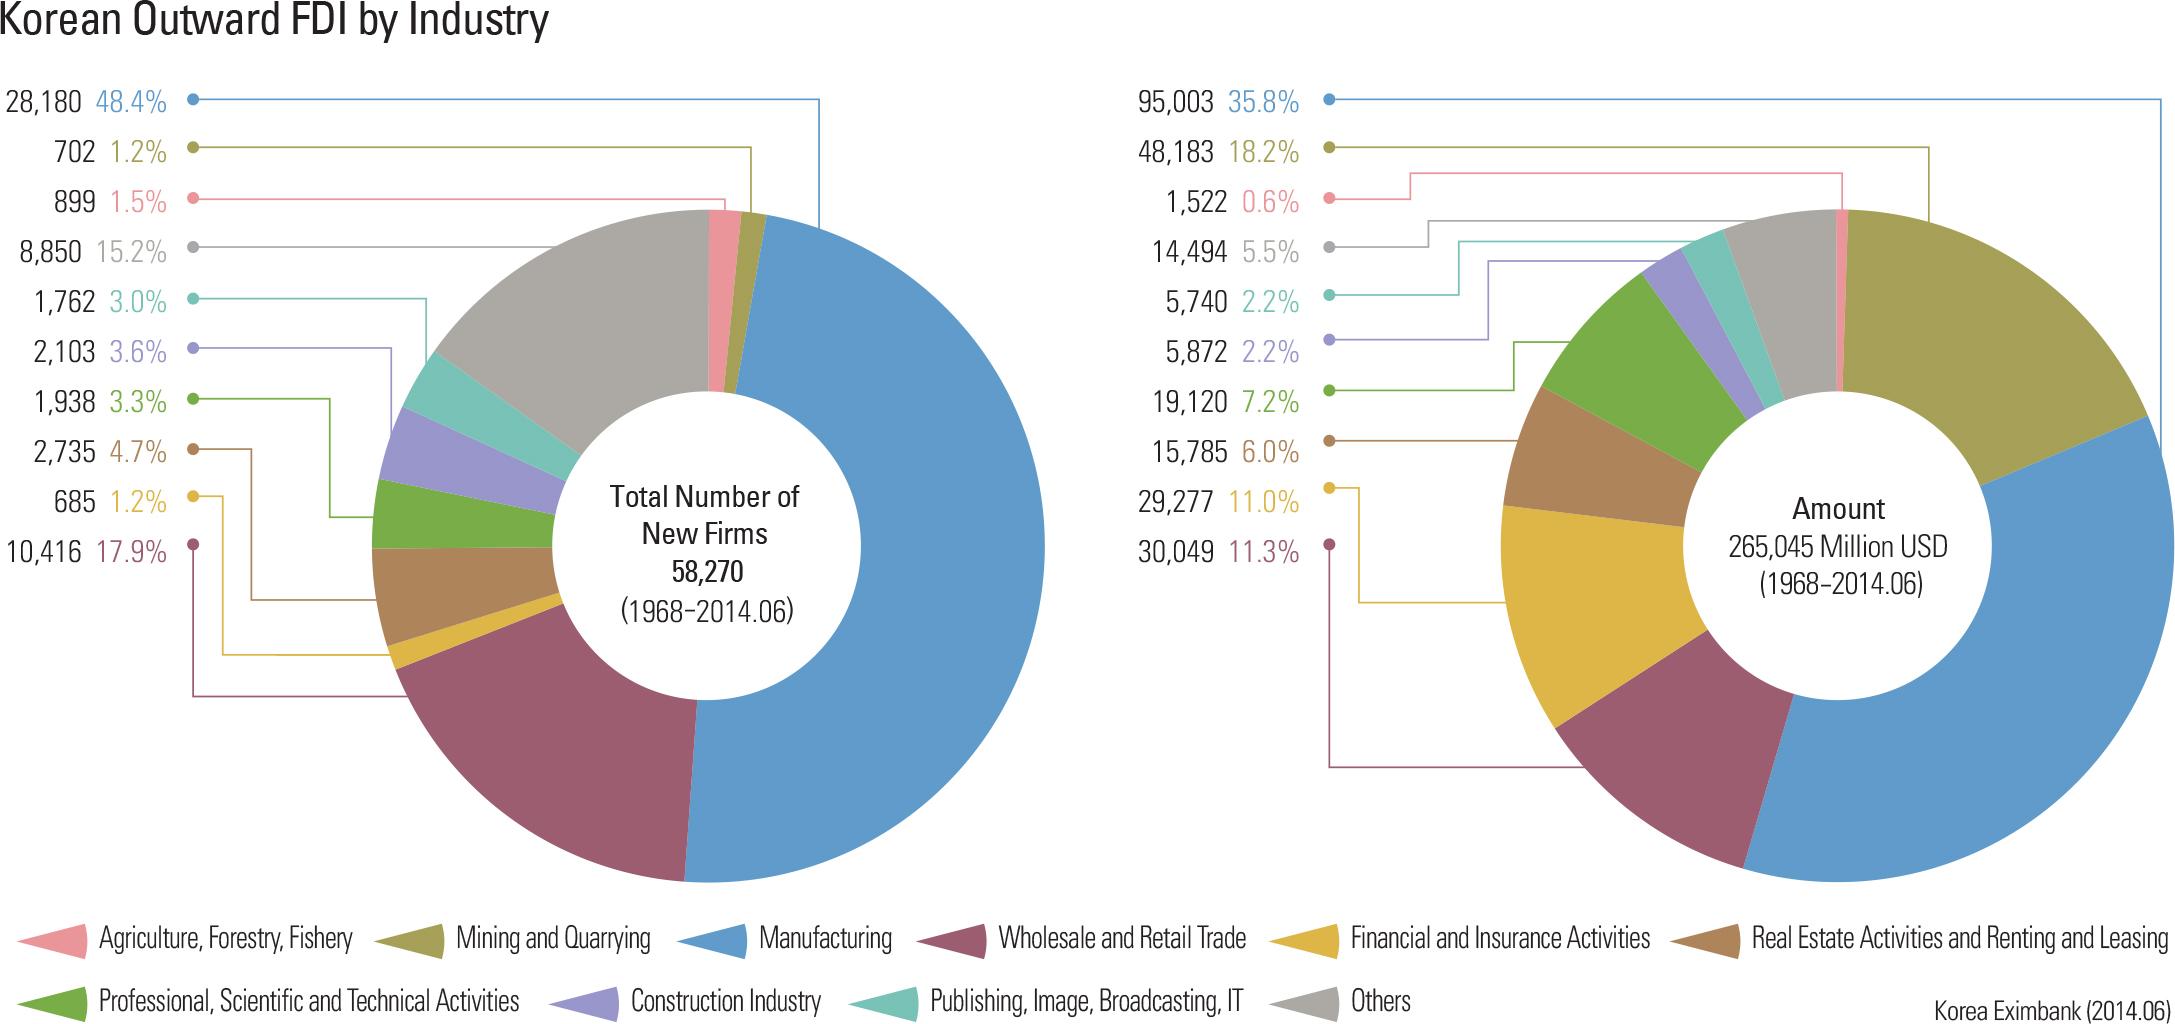 Korean Outward FDI by Industry